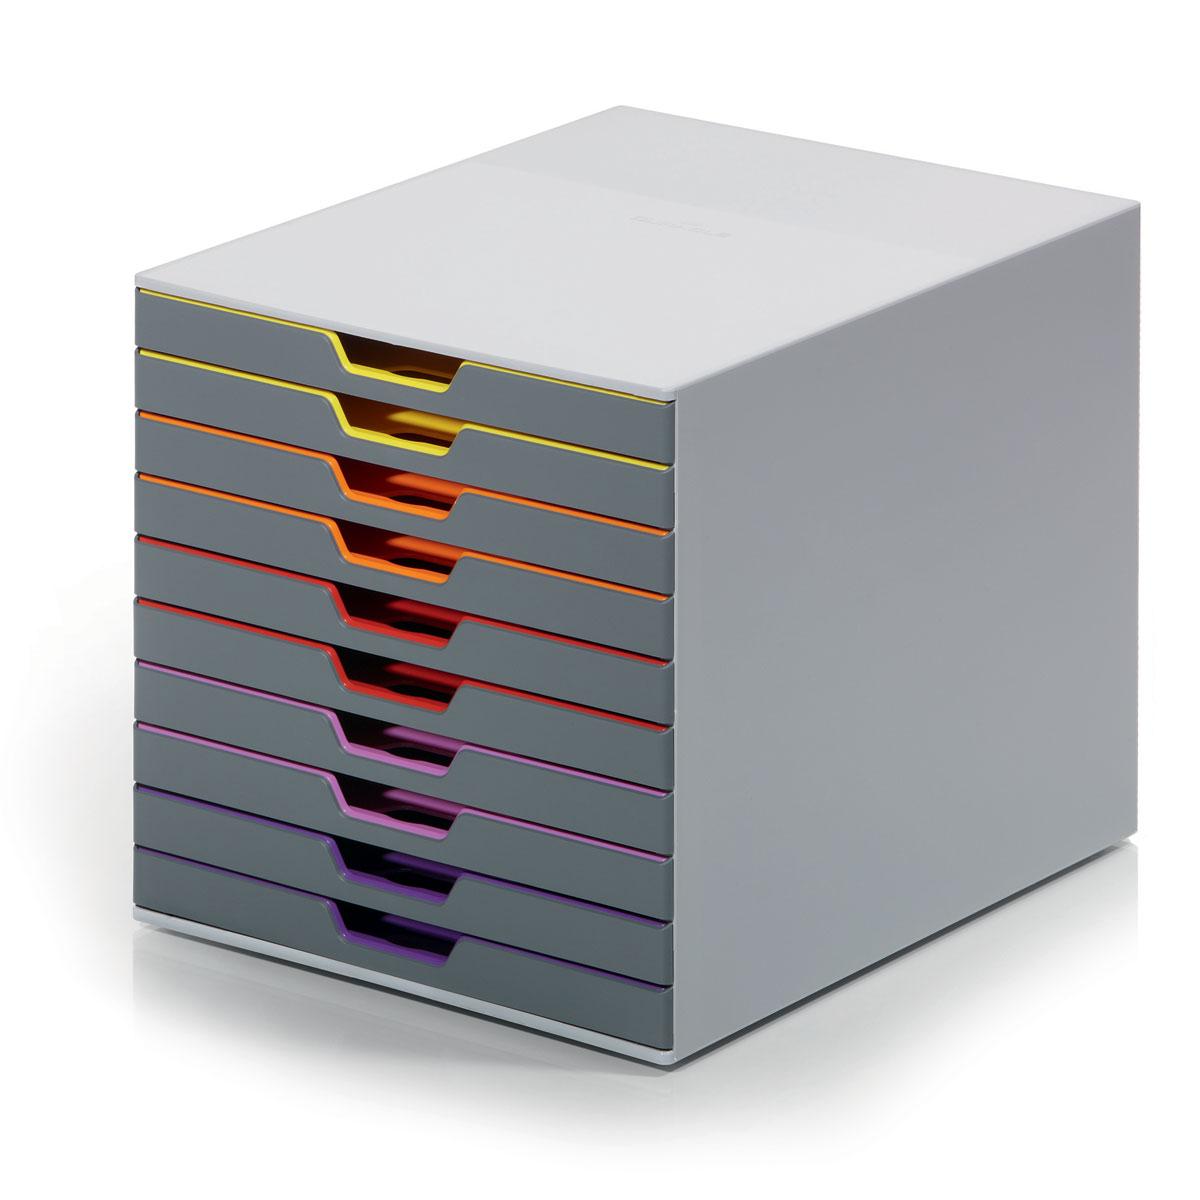 Короб для документов Durable Varicolor. 7610-277610-27Выполнен из высококачественного пластика. Выдвижные ящики закрытого типа, оснащены стопорами и табуляторами для маркировки. Боксы можно устанавливать друг на друга, фиксируются при помощи резиновых ножек. 10 ящиков. Размер 292x280x356 мм